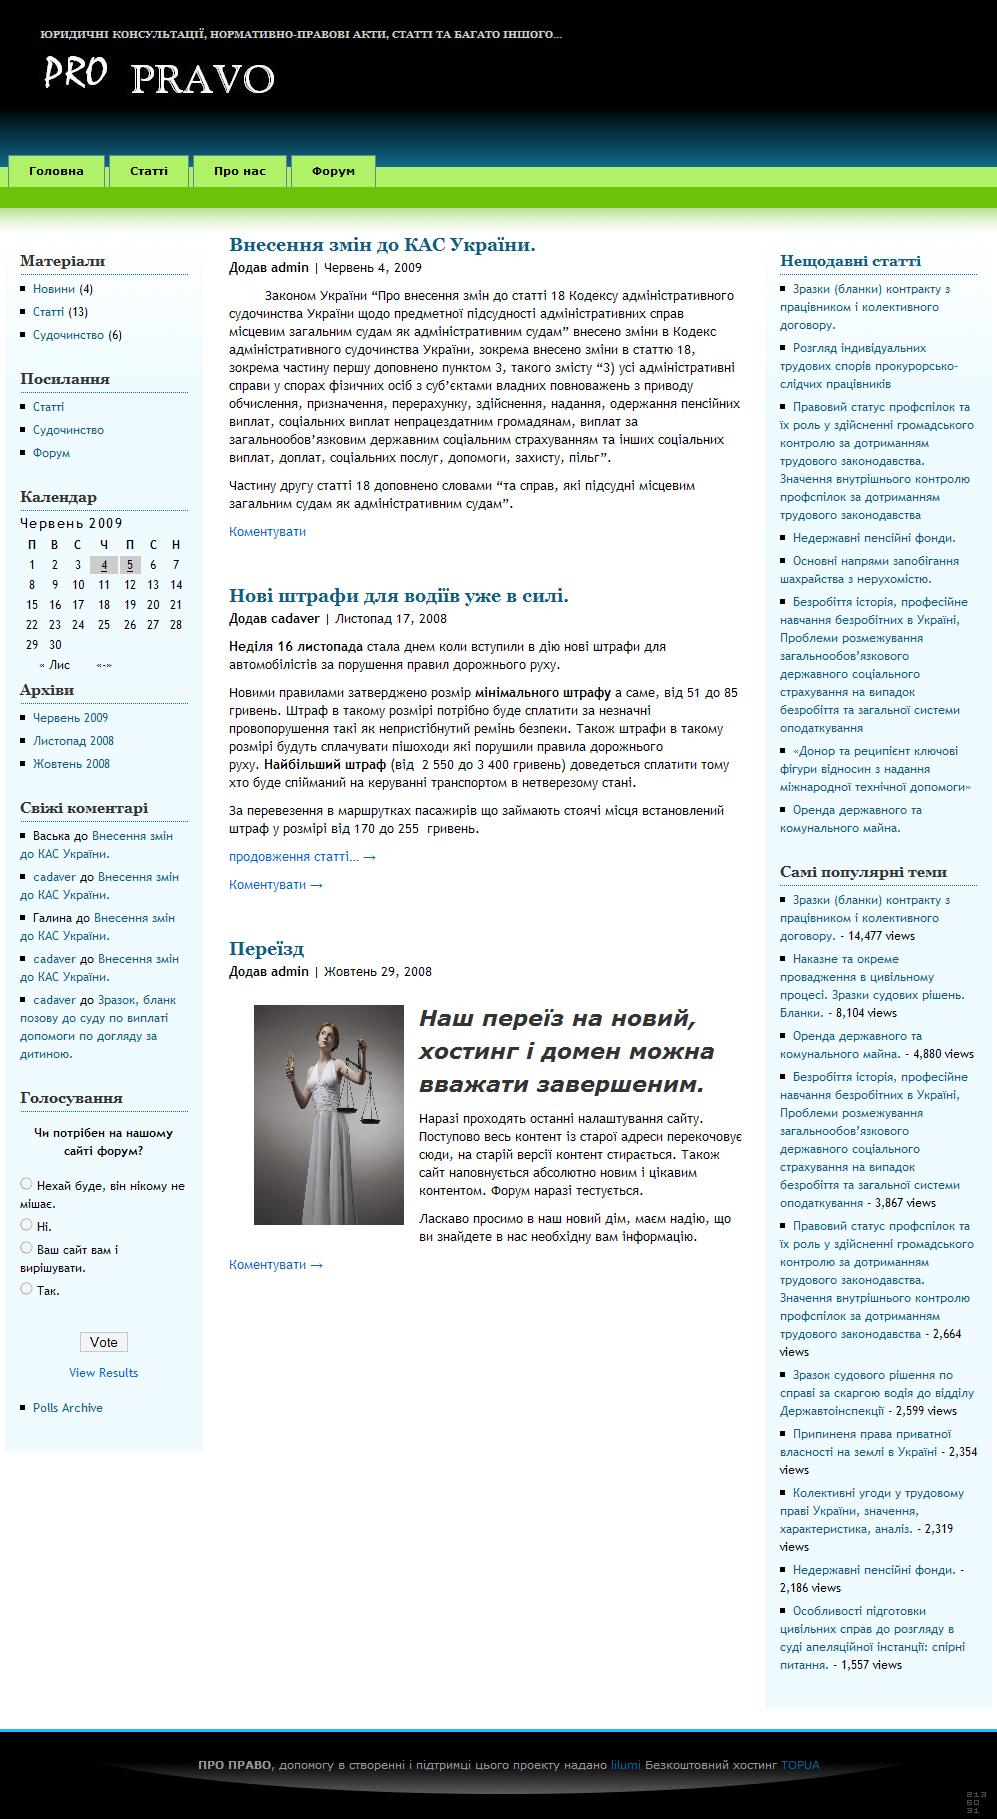 «Про Право» propravo.org.ua